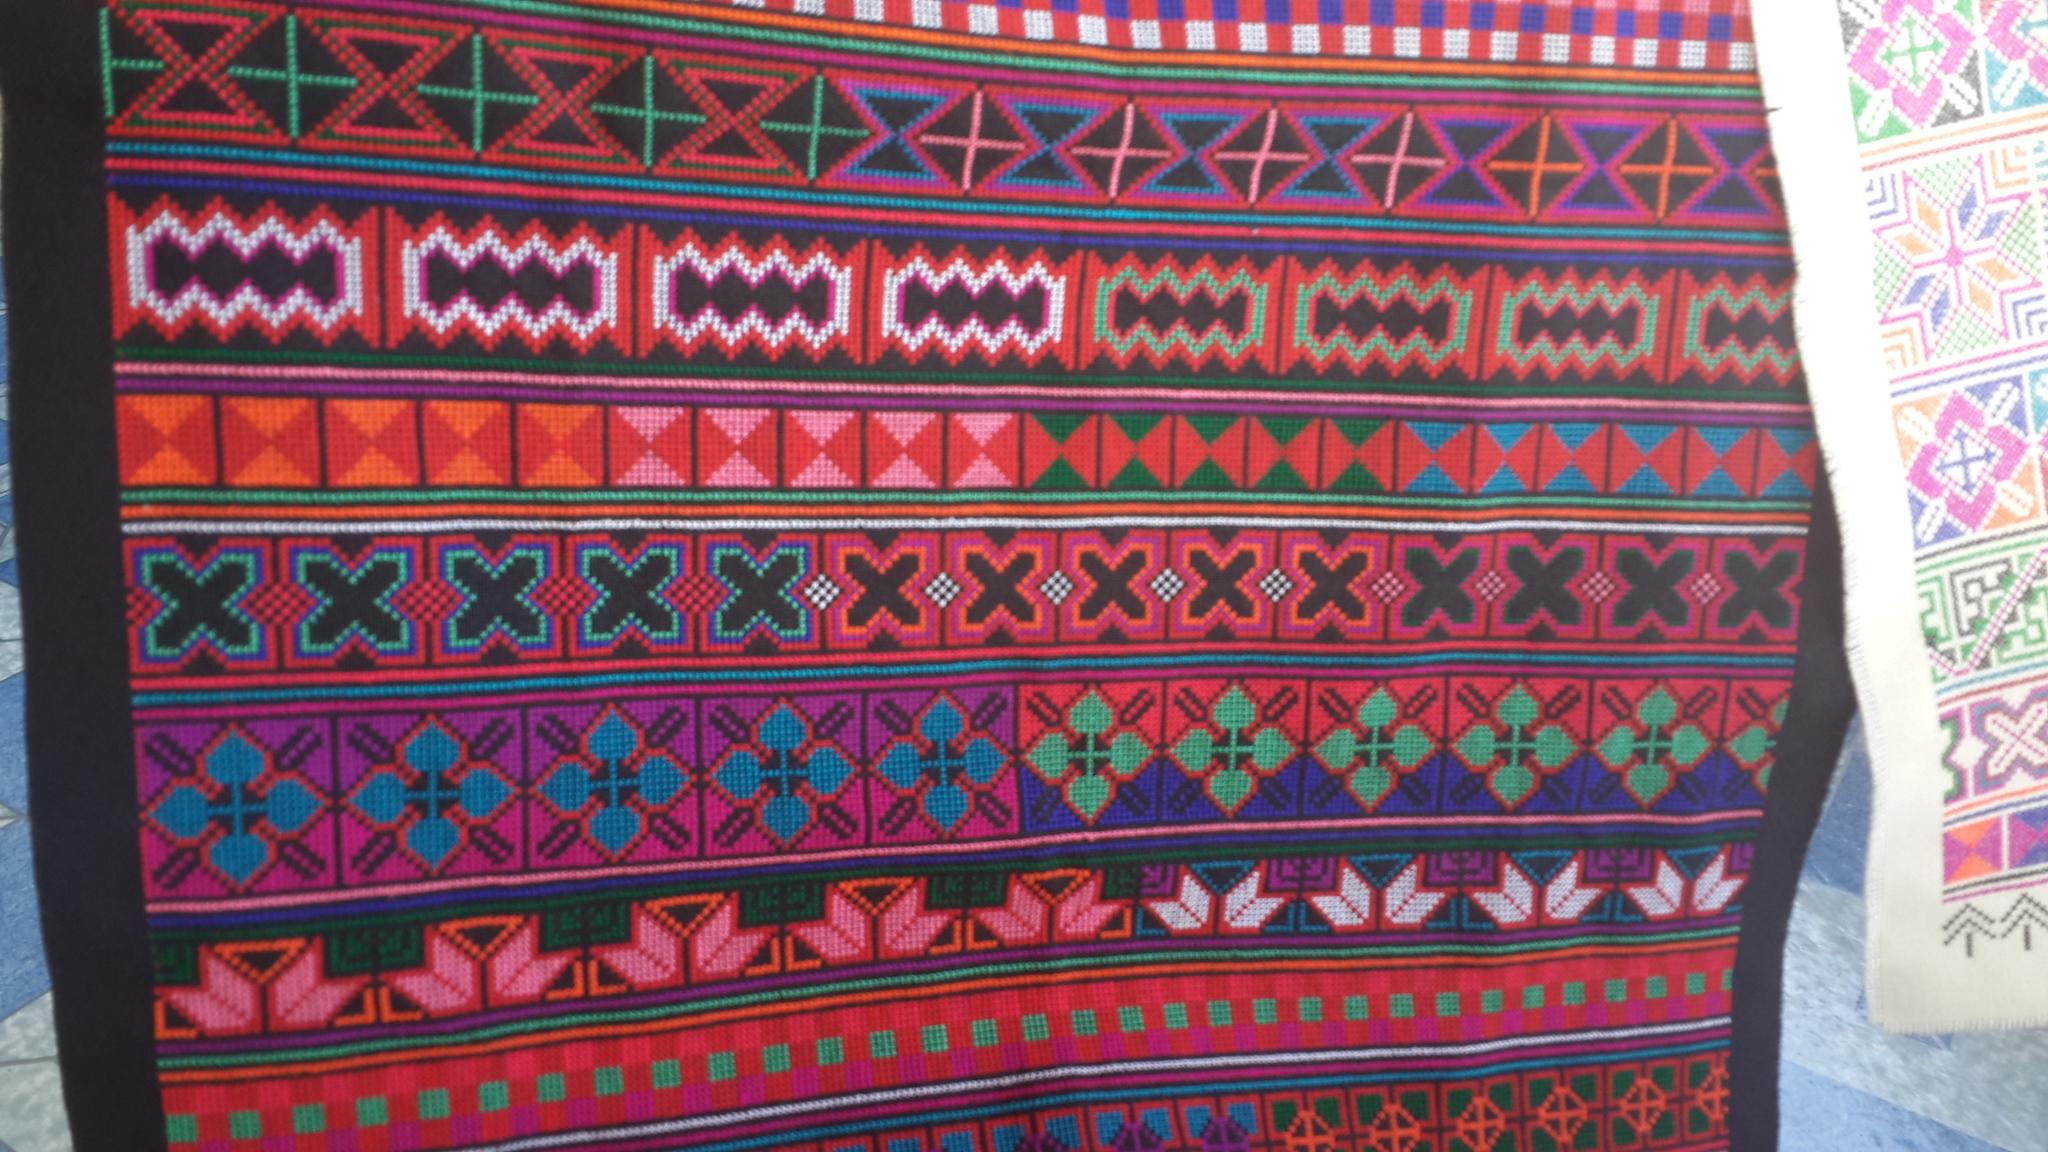 ผ้าปักลายอาข่า ปักสีแดงสดใสพื้นสีดำ ผืนสี่เหลี่ยมผืนผ้า